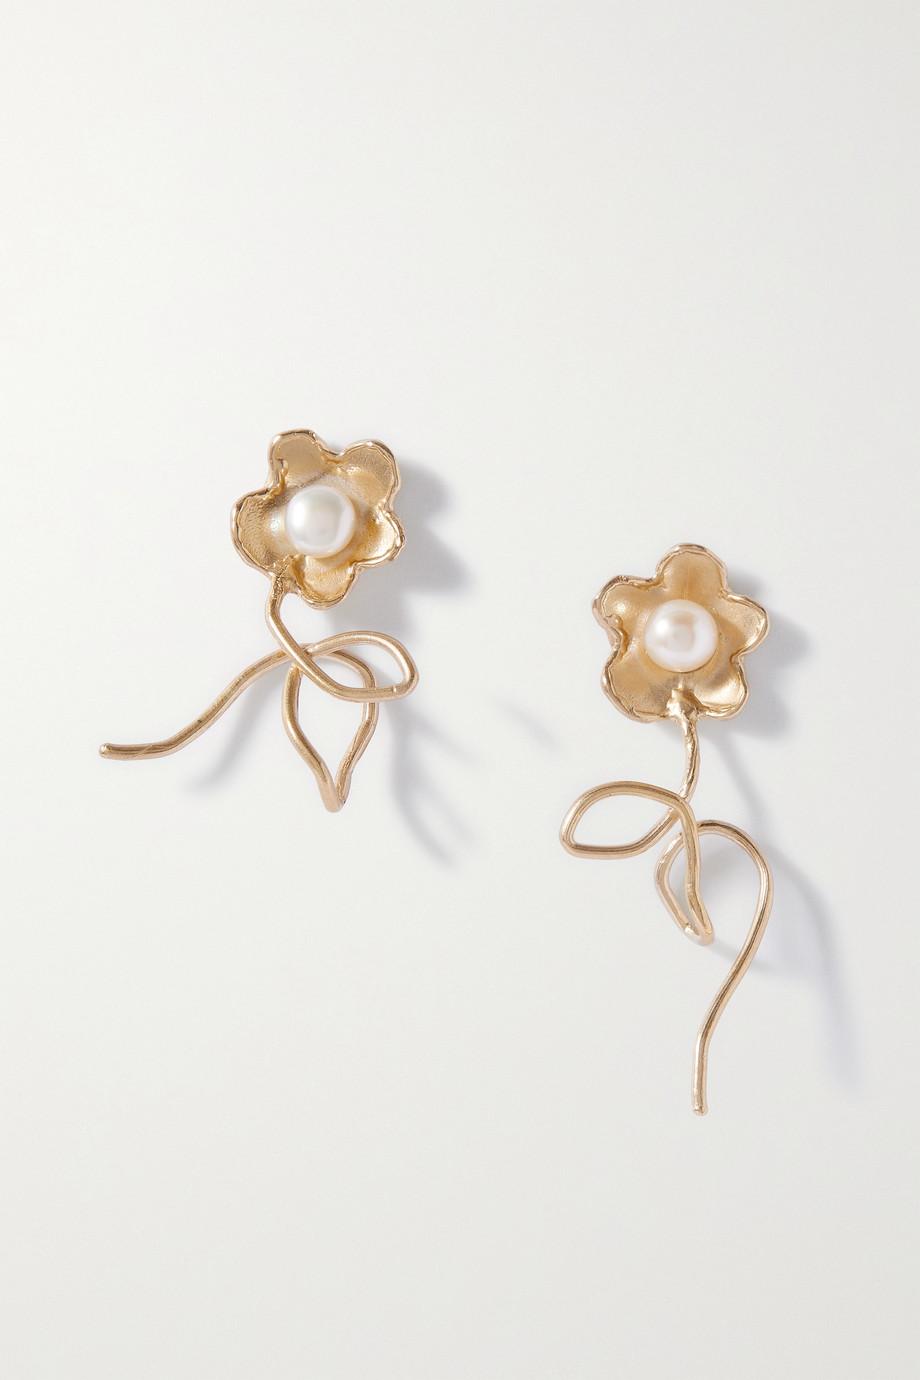 Anita Berisha Boucles d'oreilles en métal doré et perles Stems and All